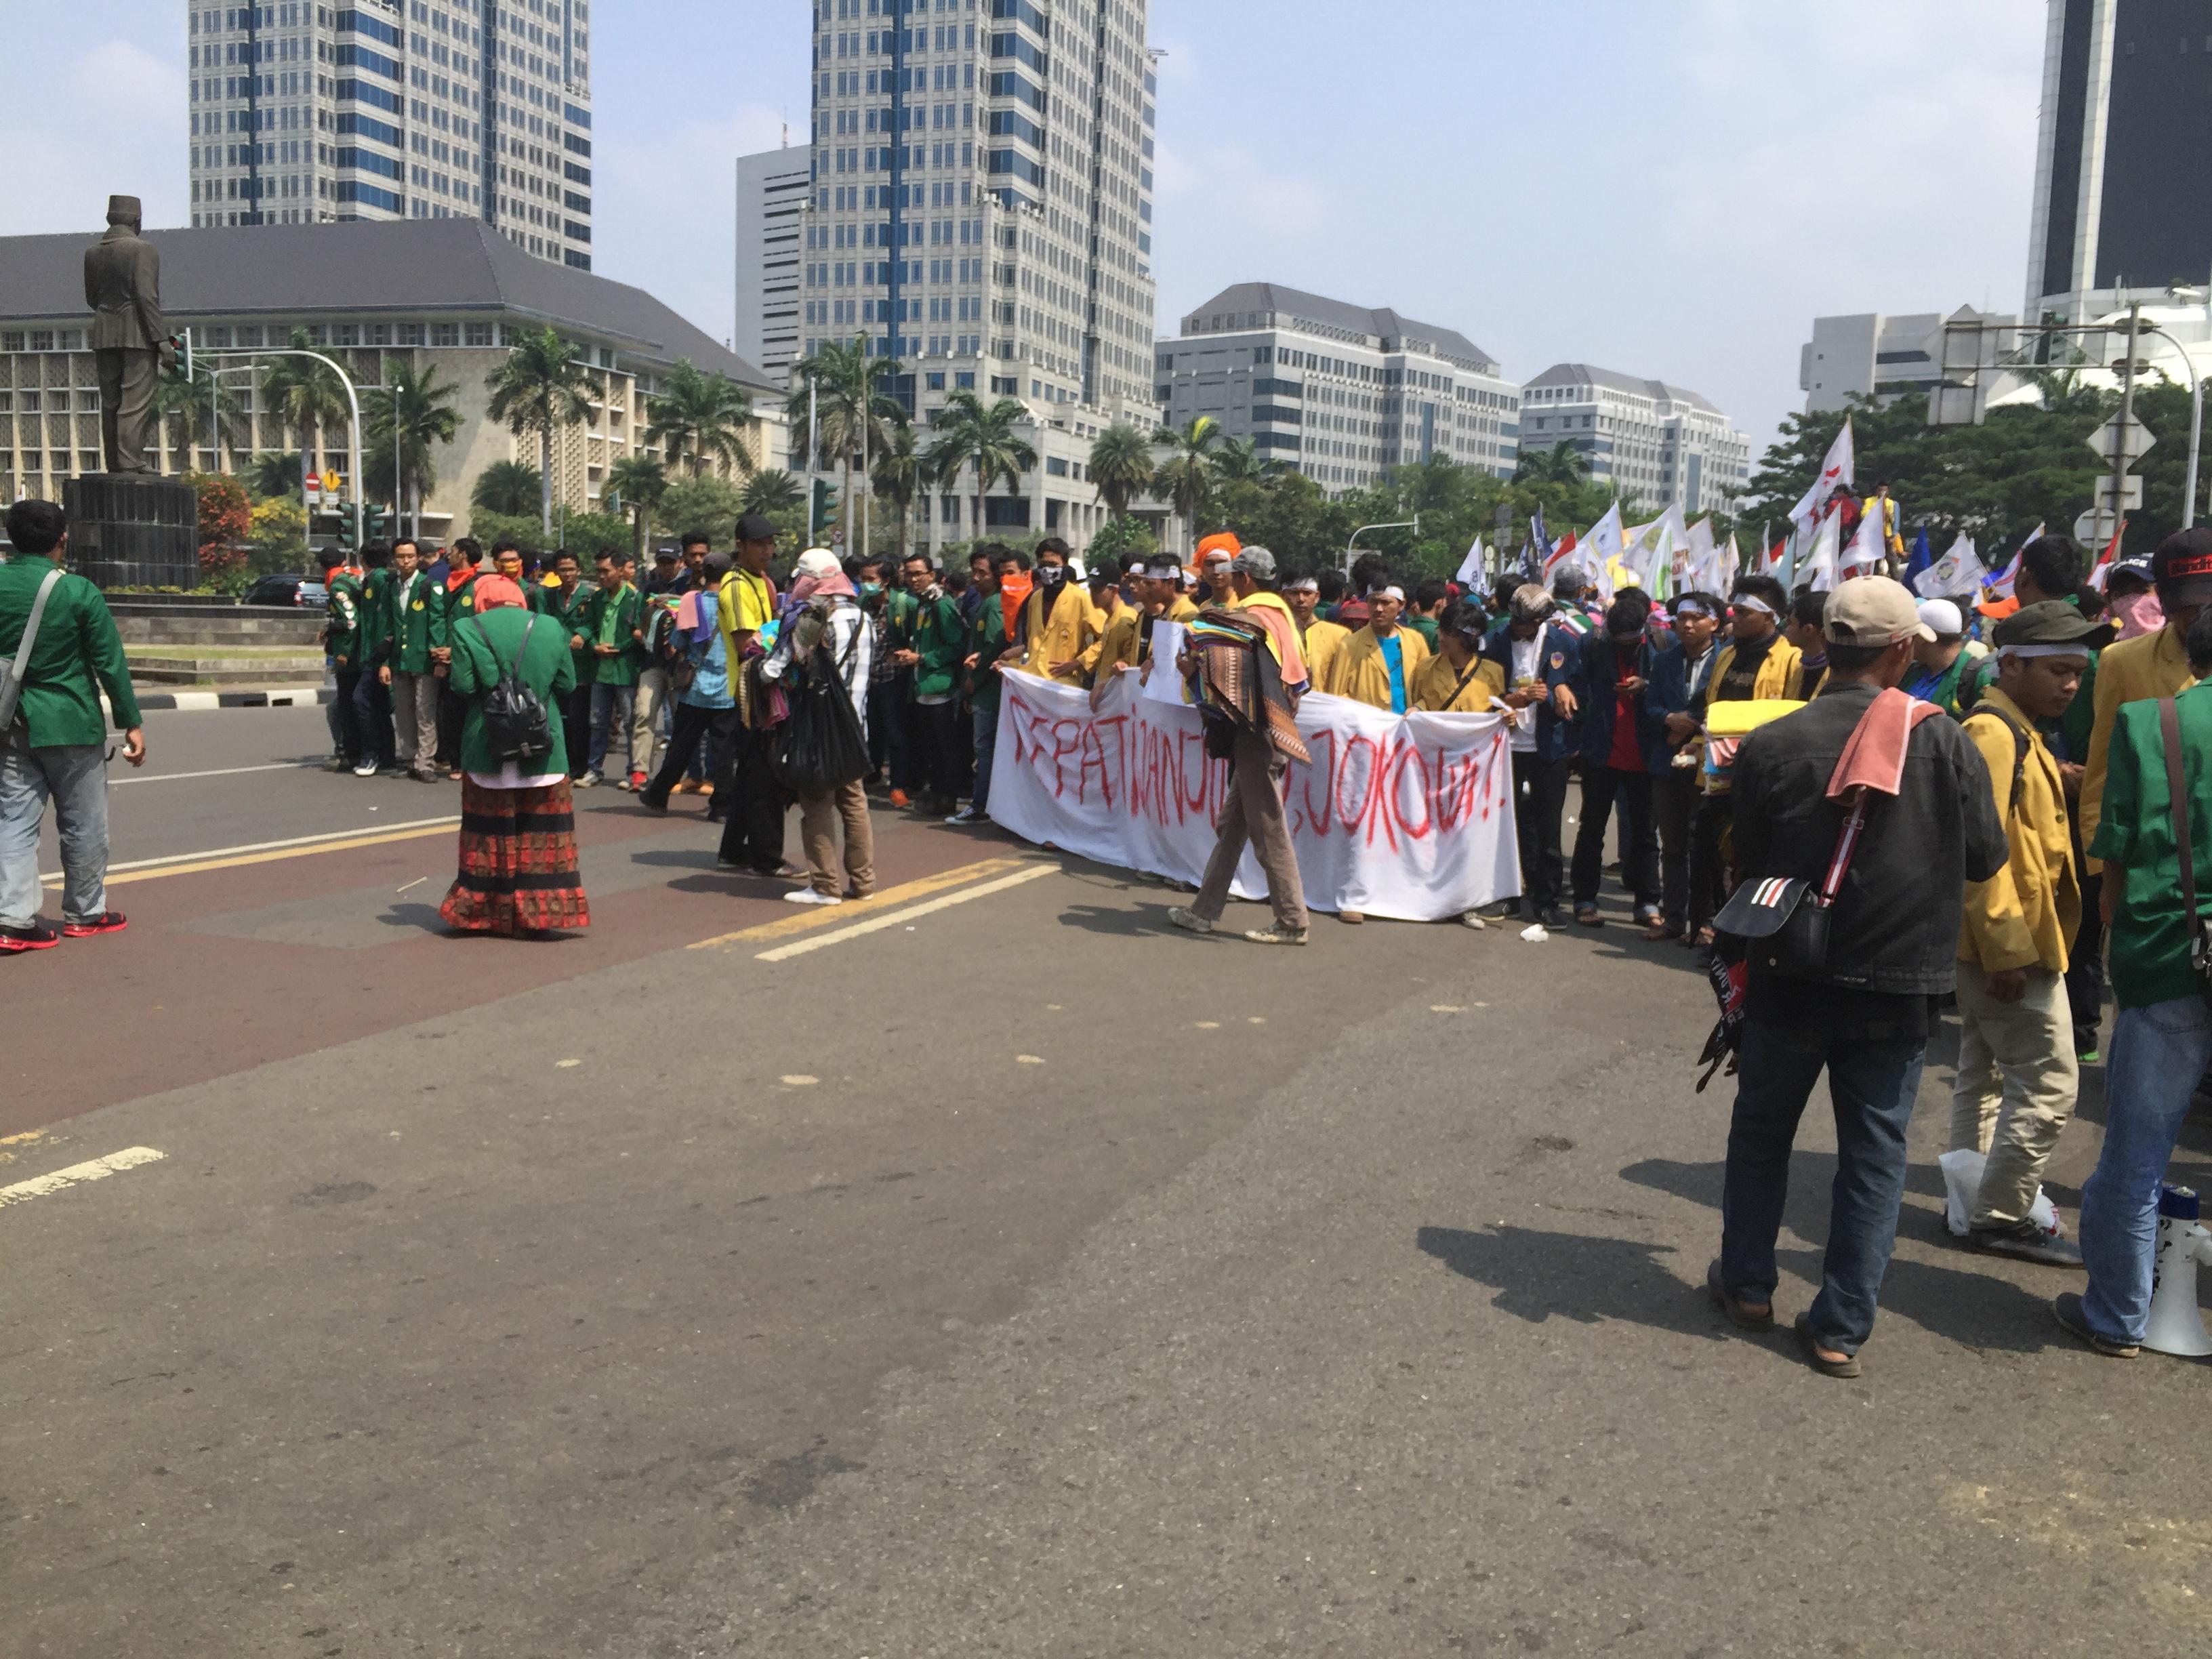 مظاهرات في إندونيسيا تطالب بتنحي الرئيس